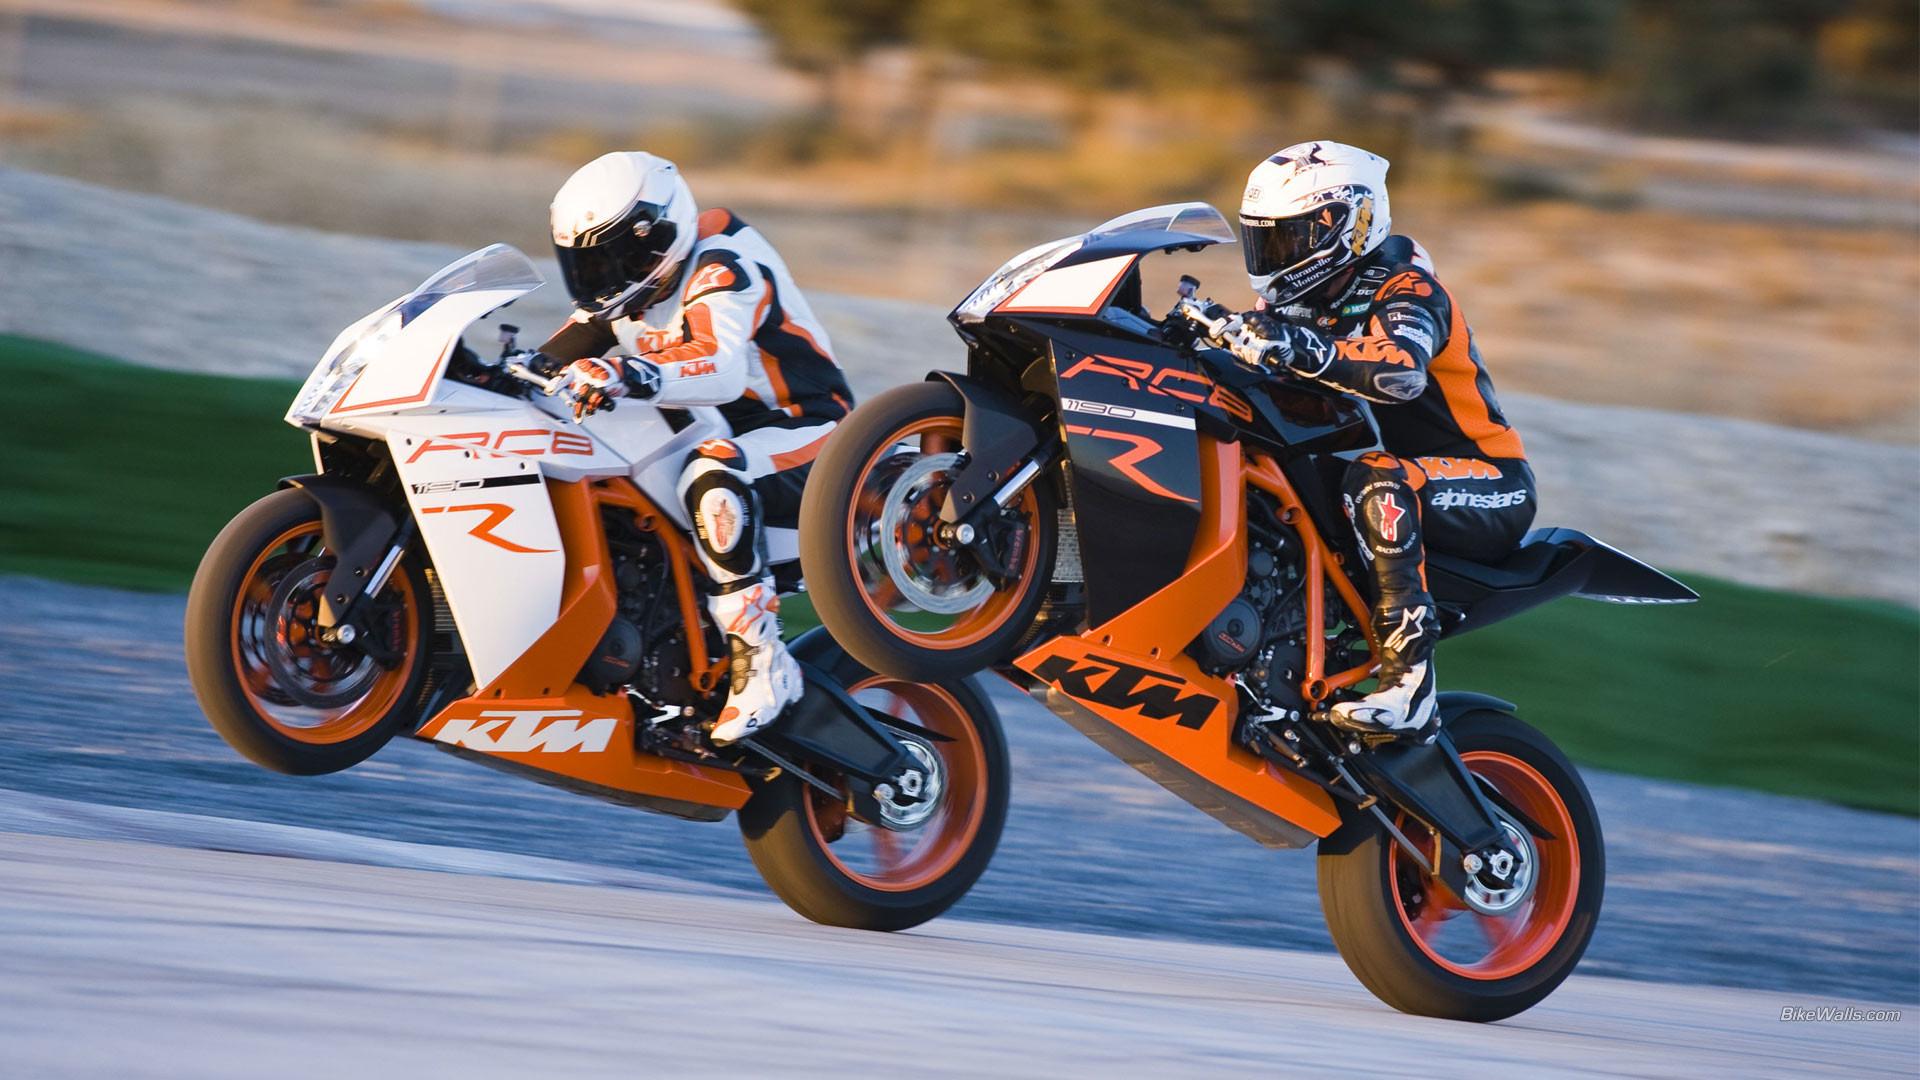 Free HD Motorbike Wallpaper – Wicked Wallpaper – FREE HD wallpapers | HD  Motorbike Wallpapers | Pinterest | Motorbikes